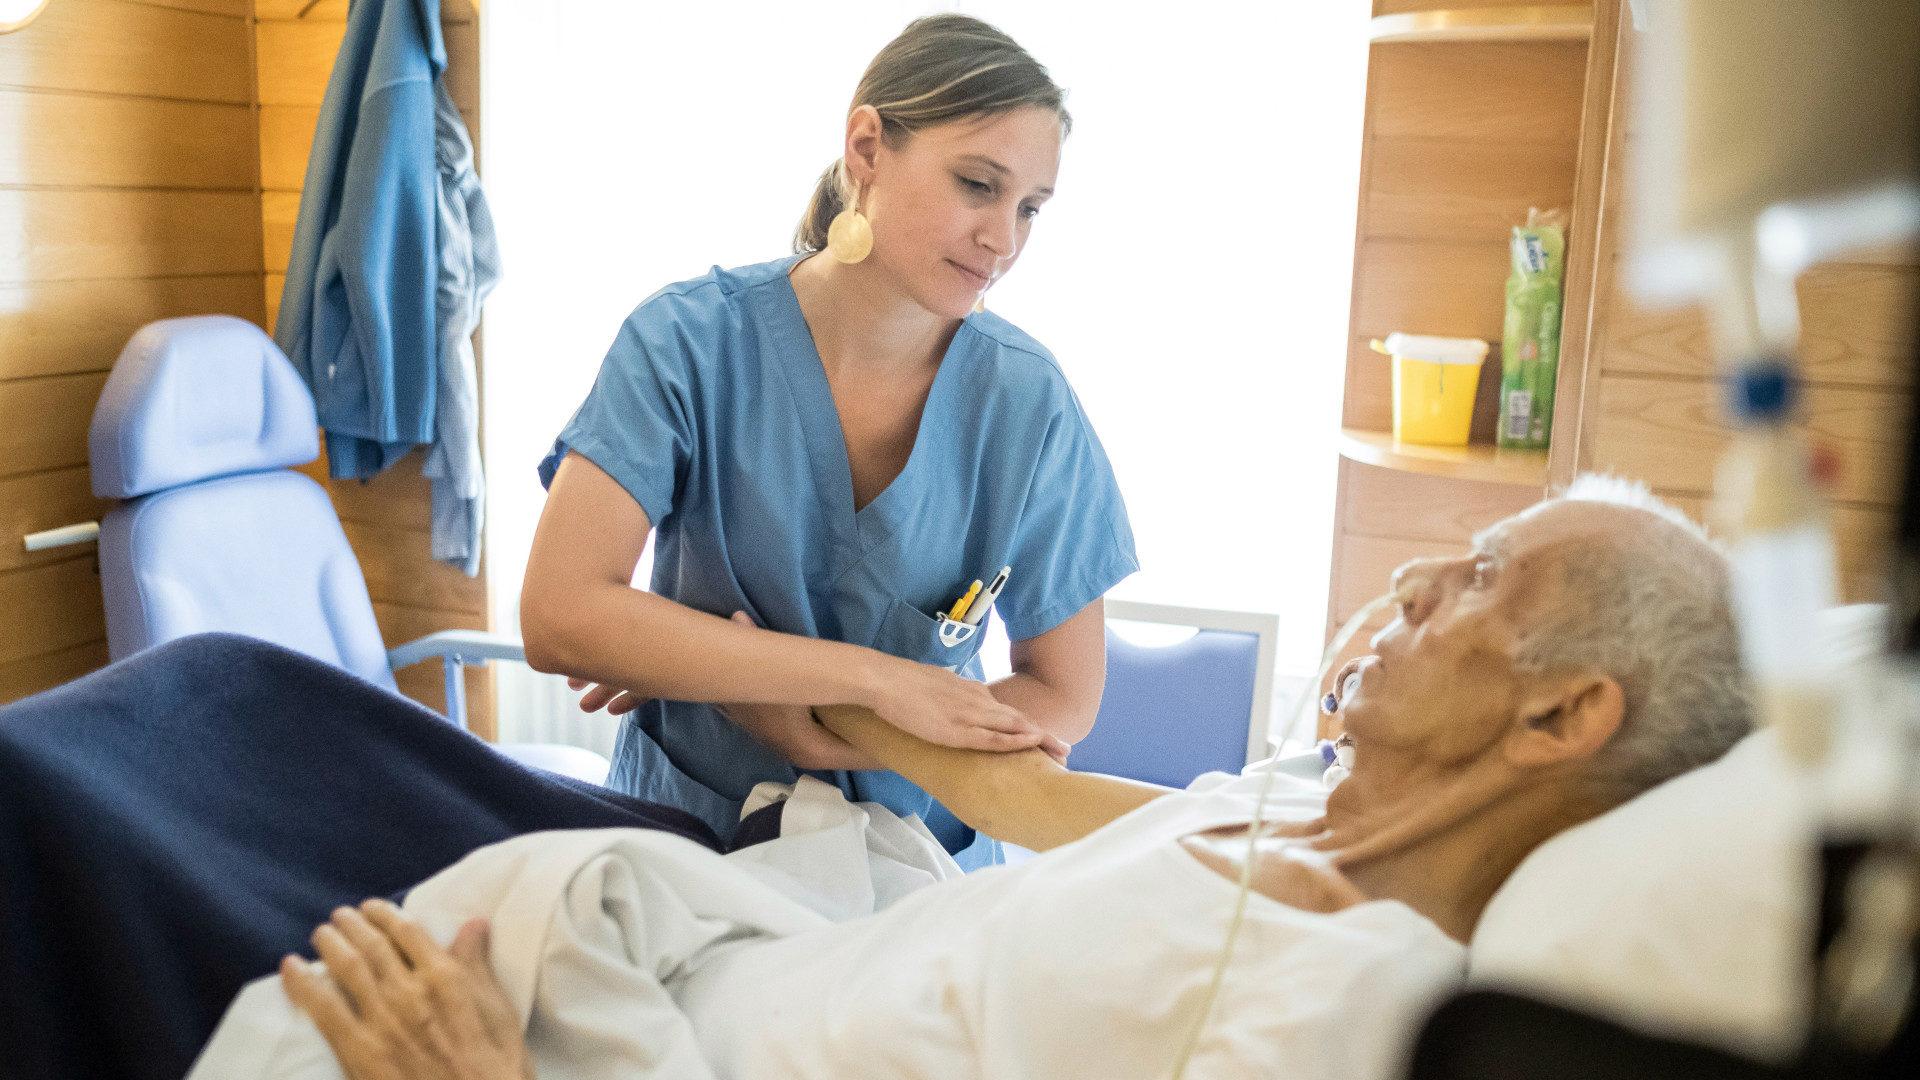 Pflegerin massiert den Arm eines bettlägerigen Mannes in einer Palliativstation | © KNA